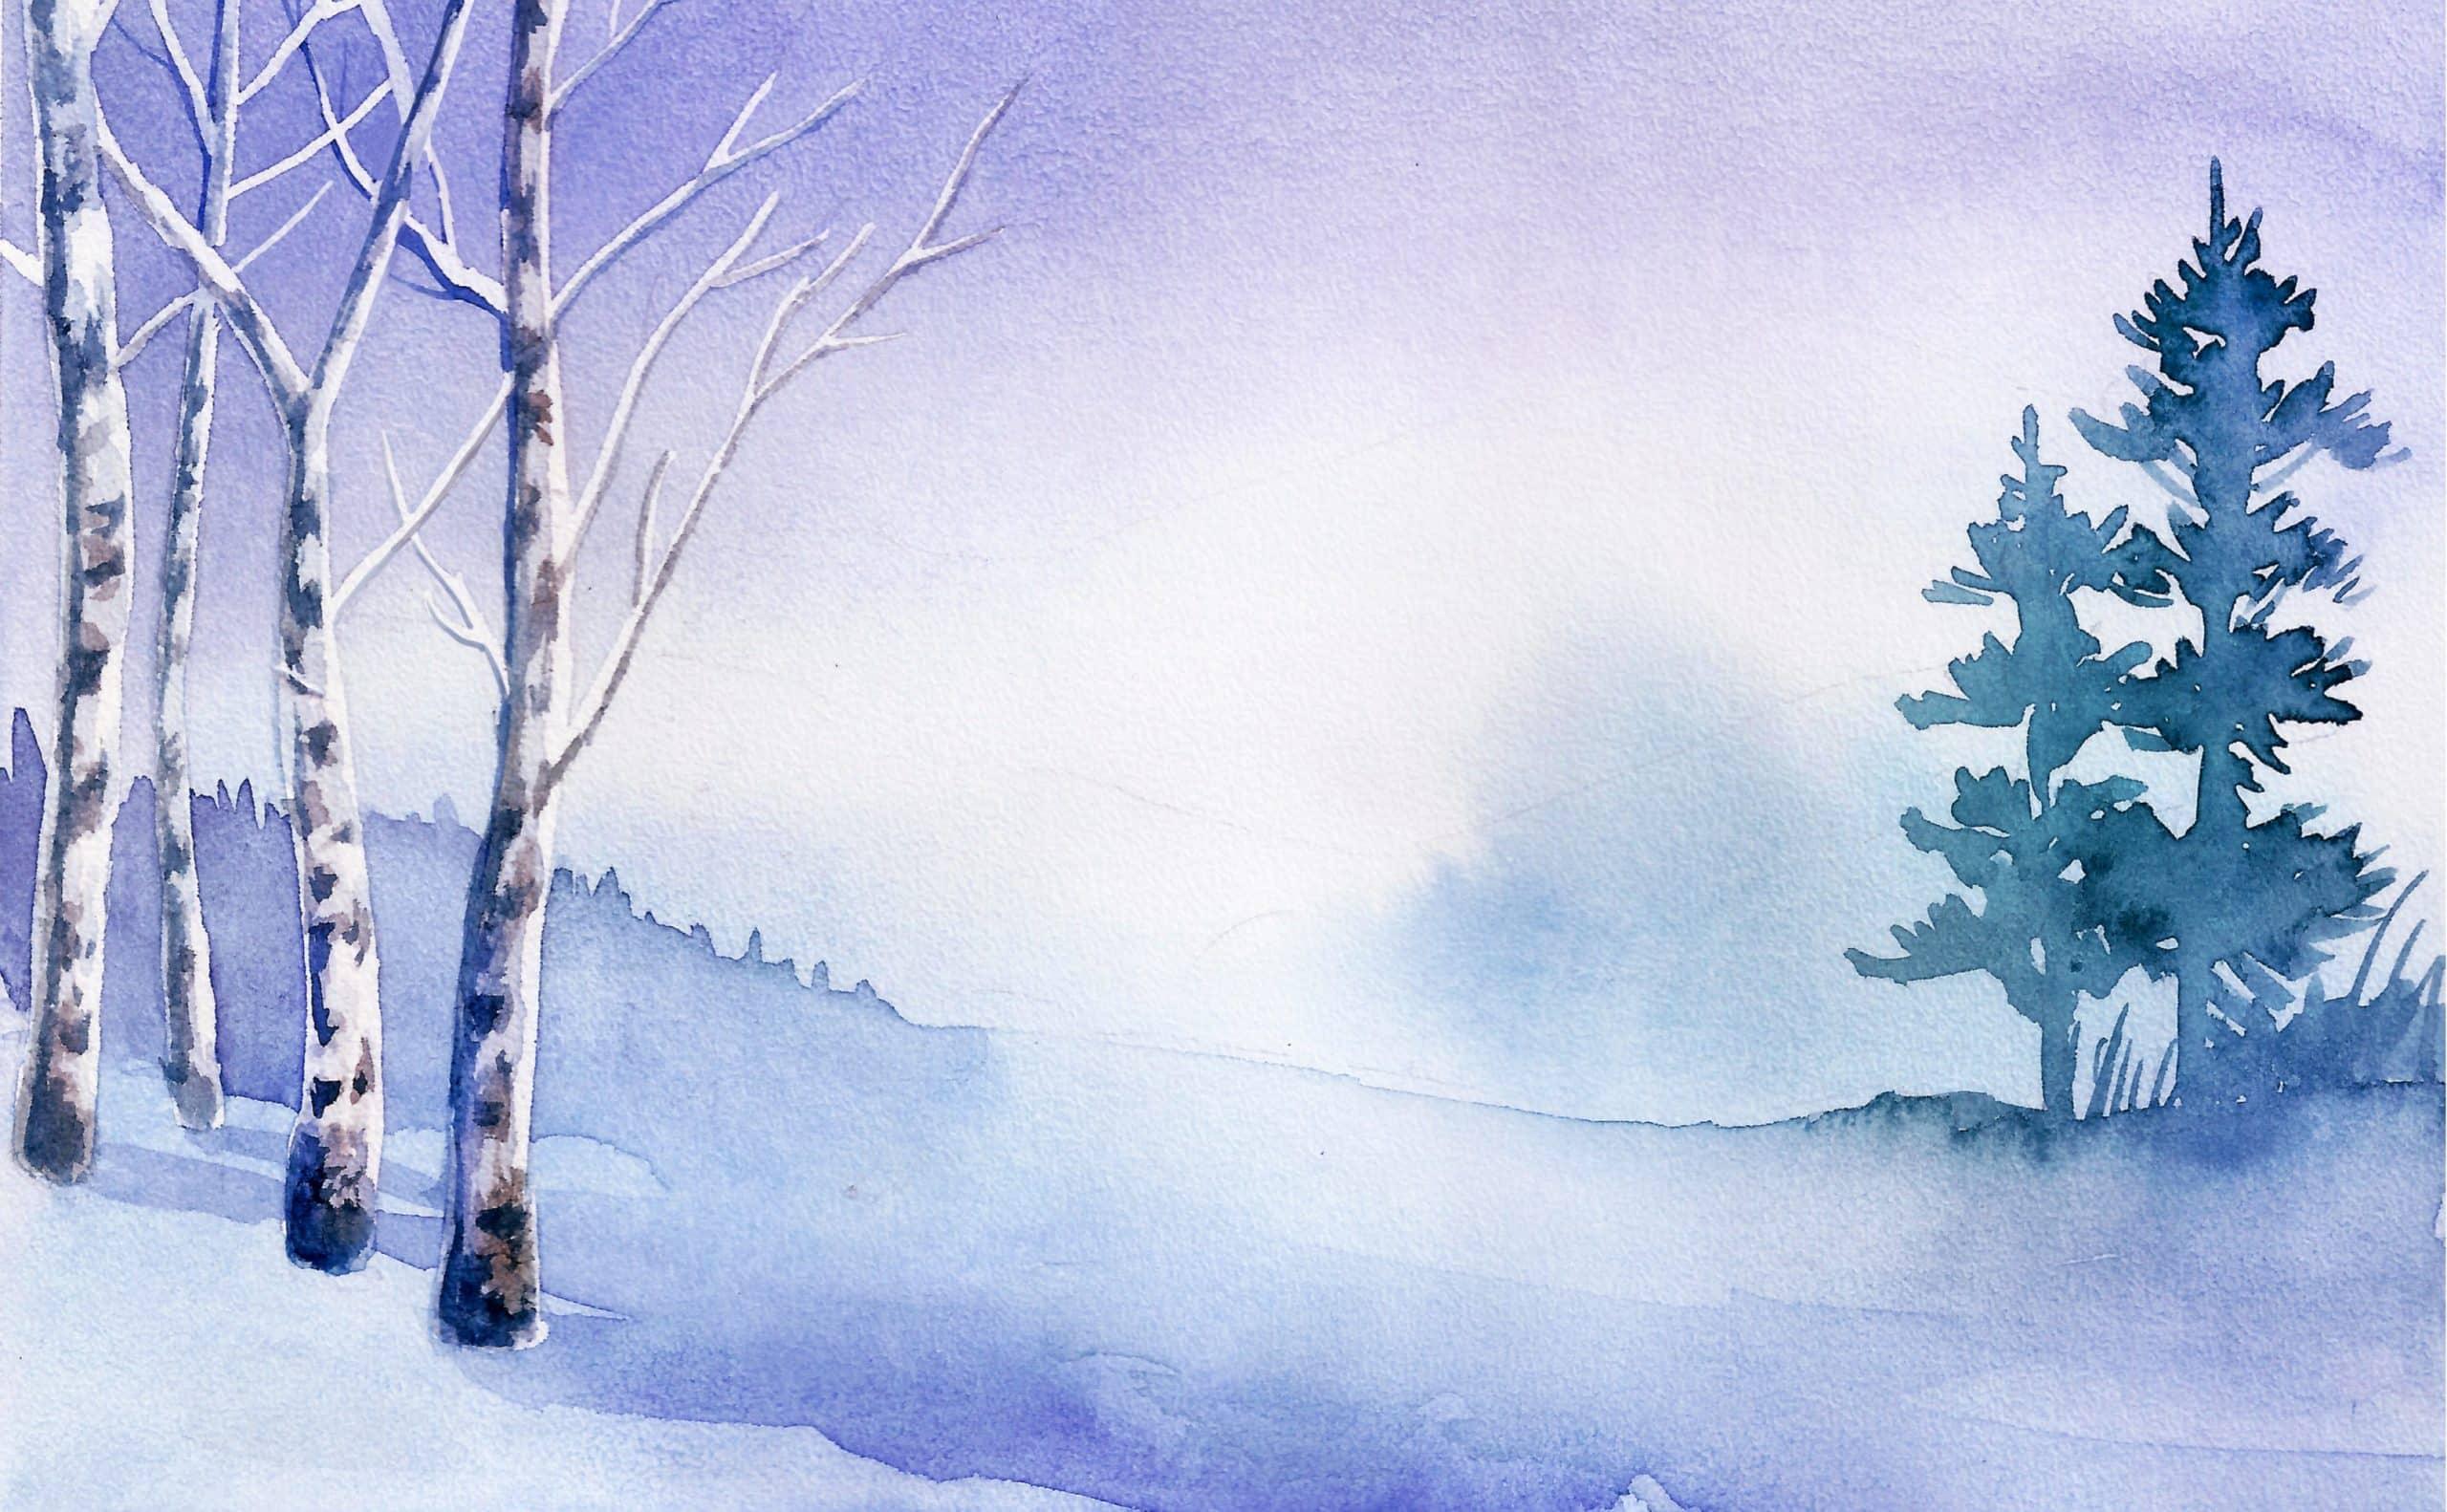 O schöne, herrliche Weihnachtszeit!